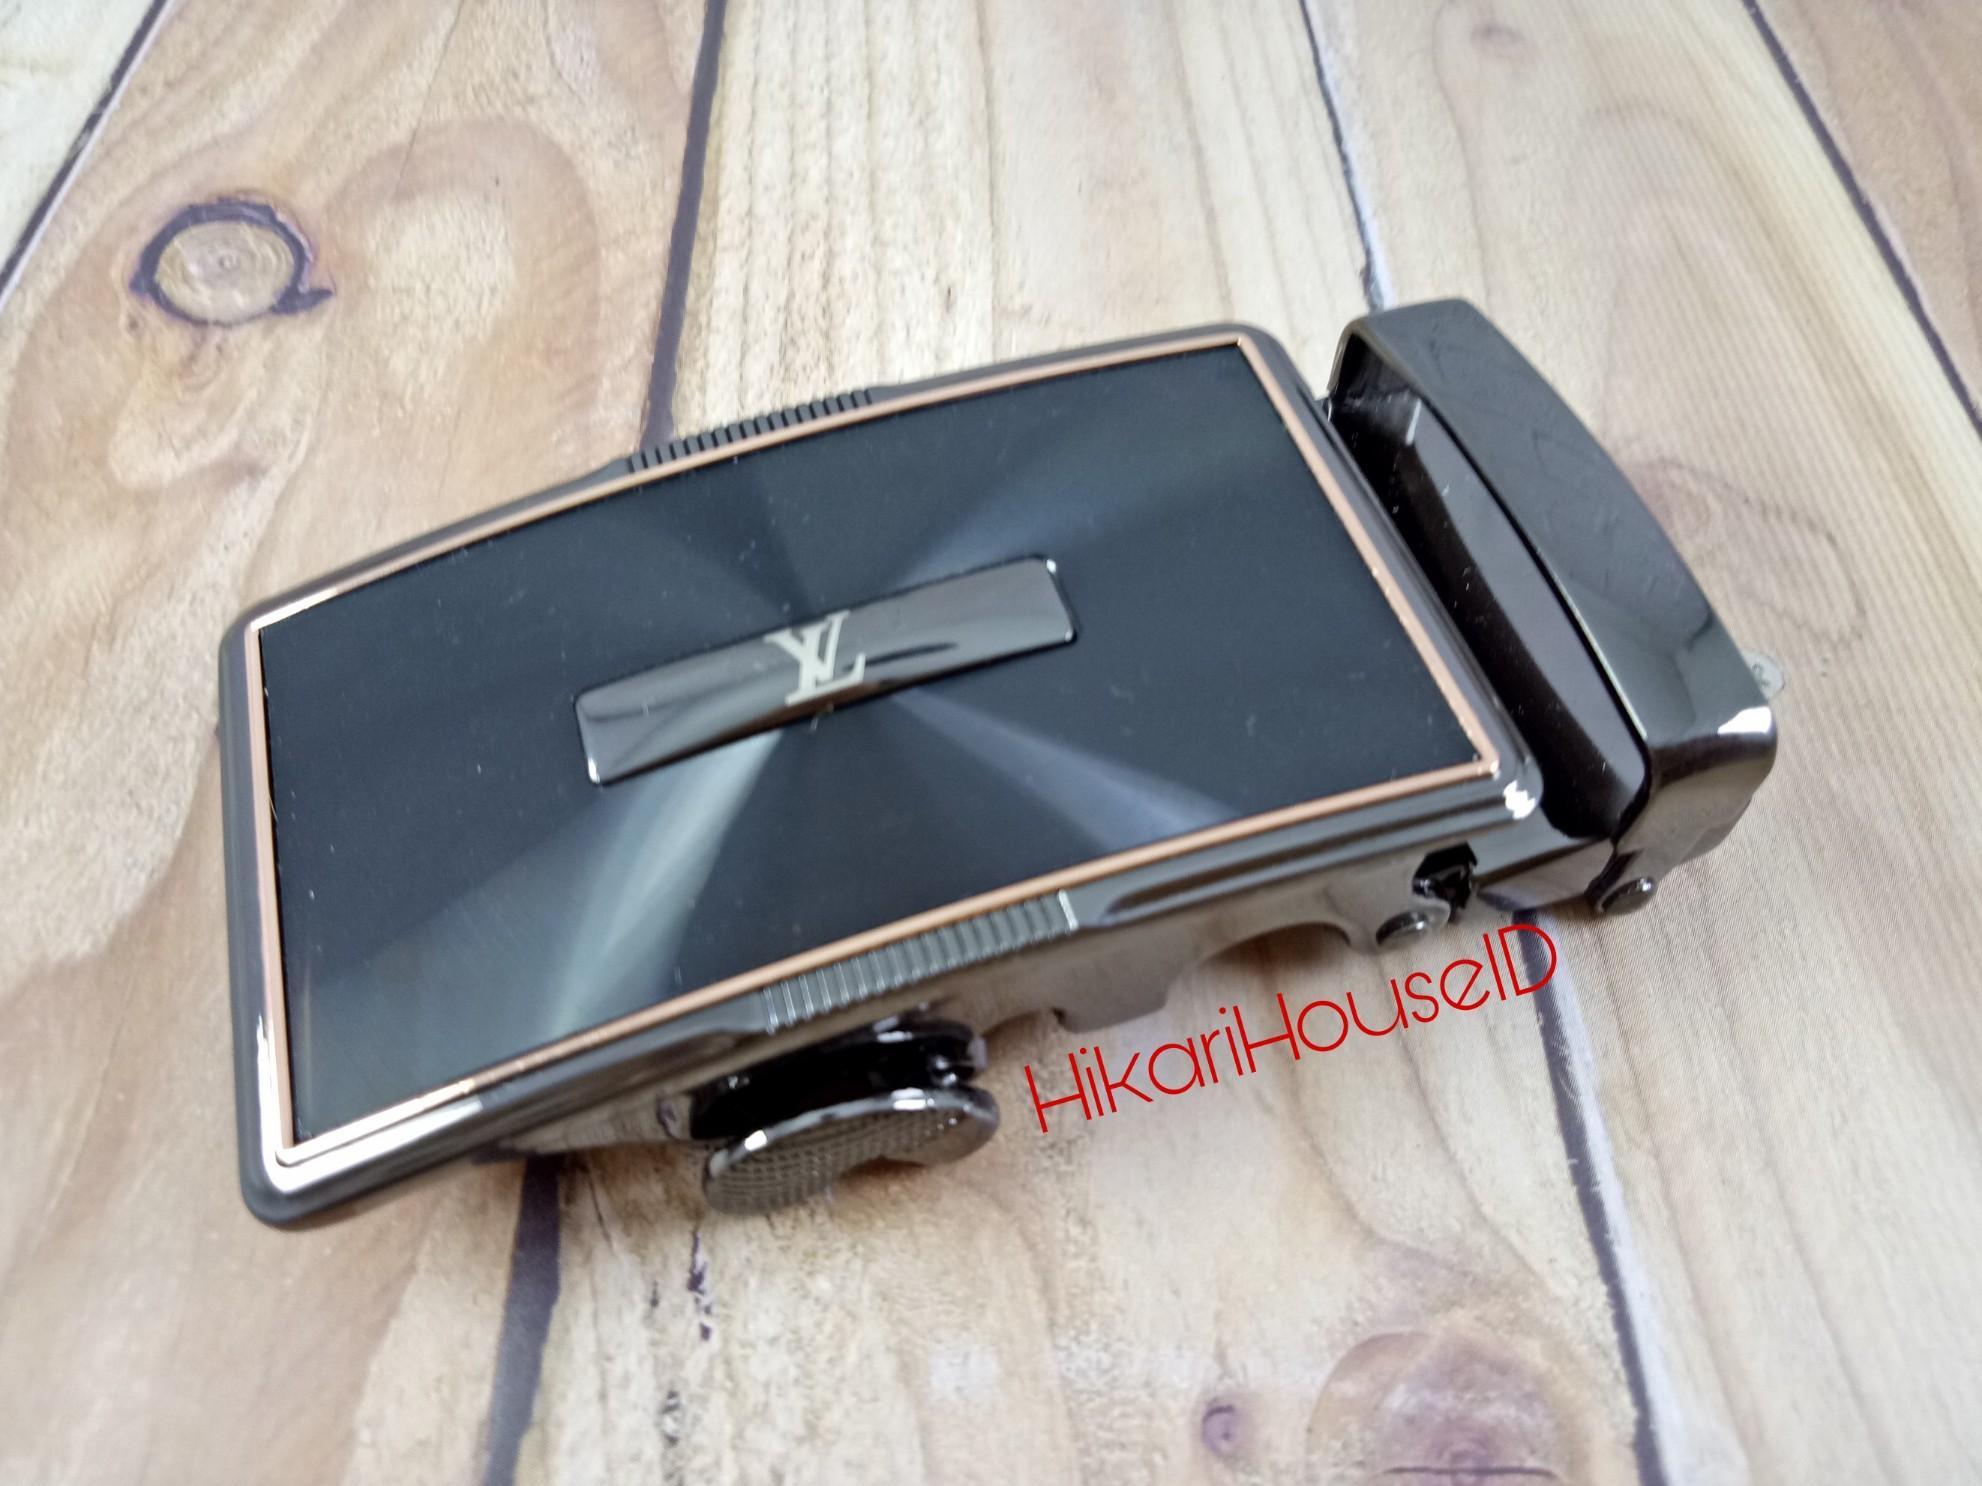 harga Kepala Gesper Ikat Pinggang Rell 4.0cm Lazada.co.id